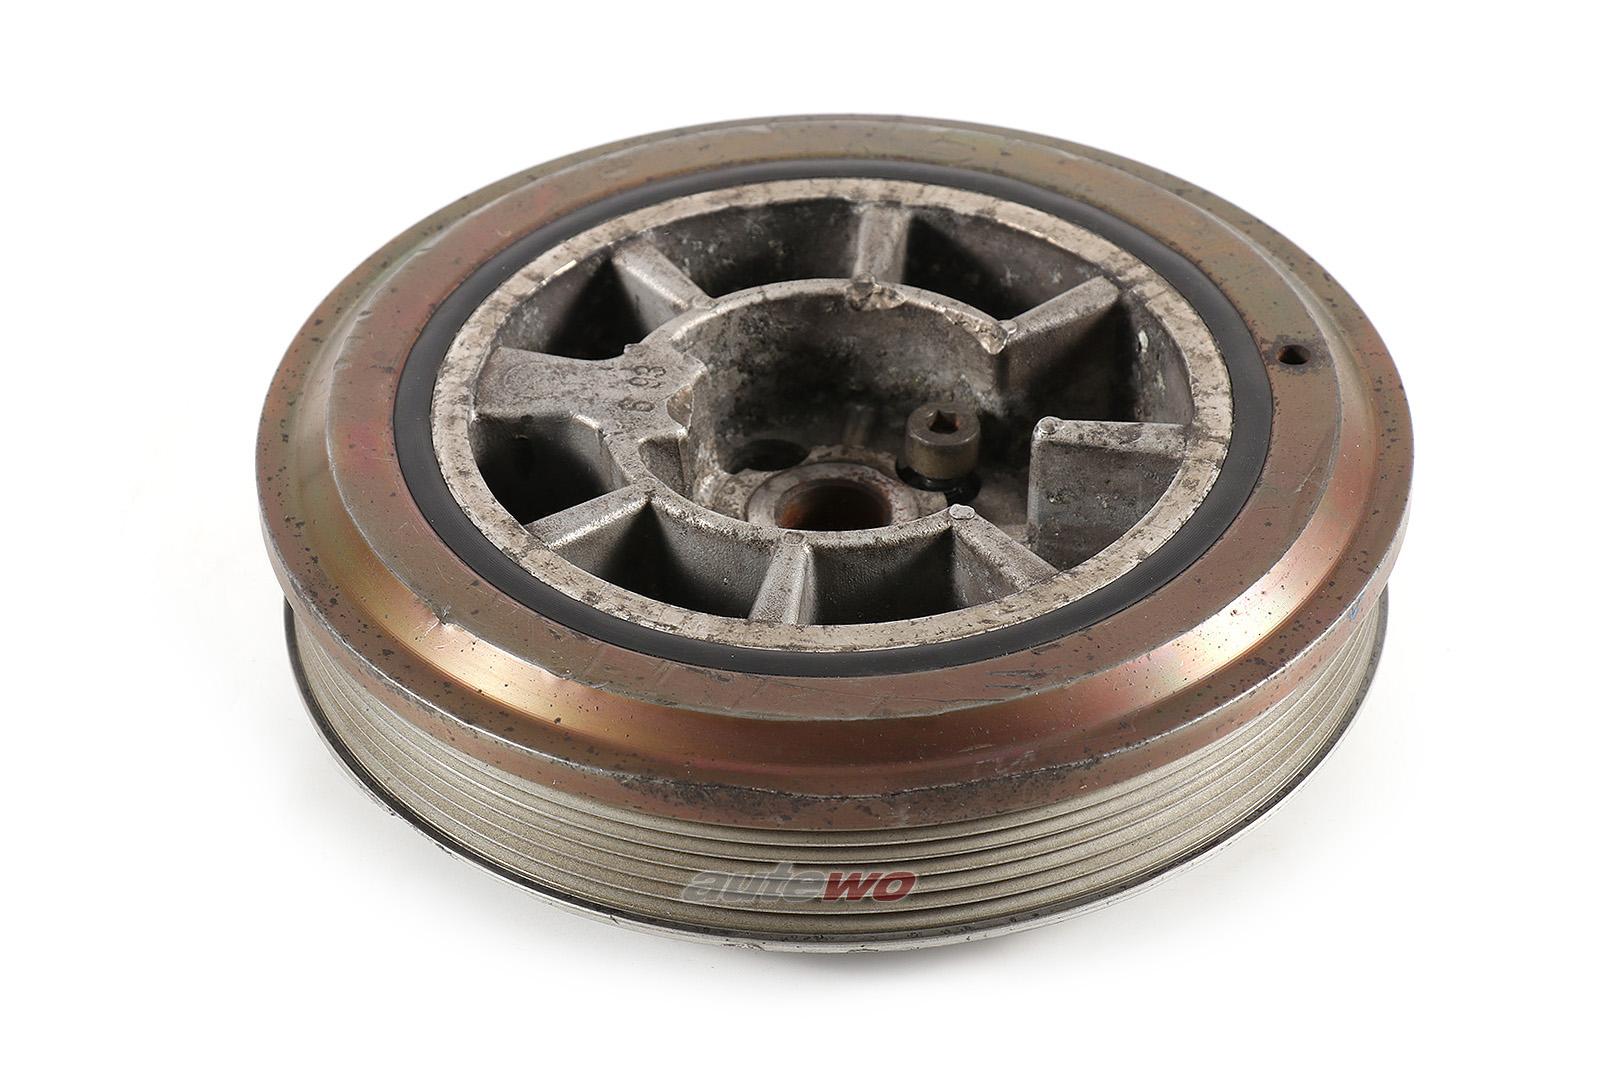 046105251H 046105251J Audi 100 C4 2.5l 5 Zylinder ABP/AAT Schwingungsdämpfer